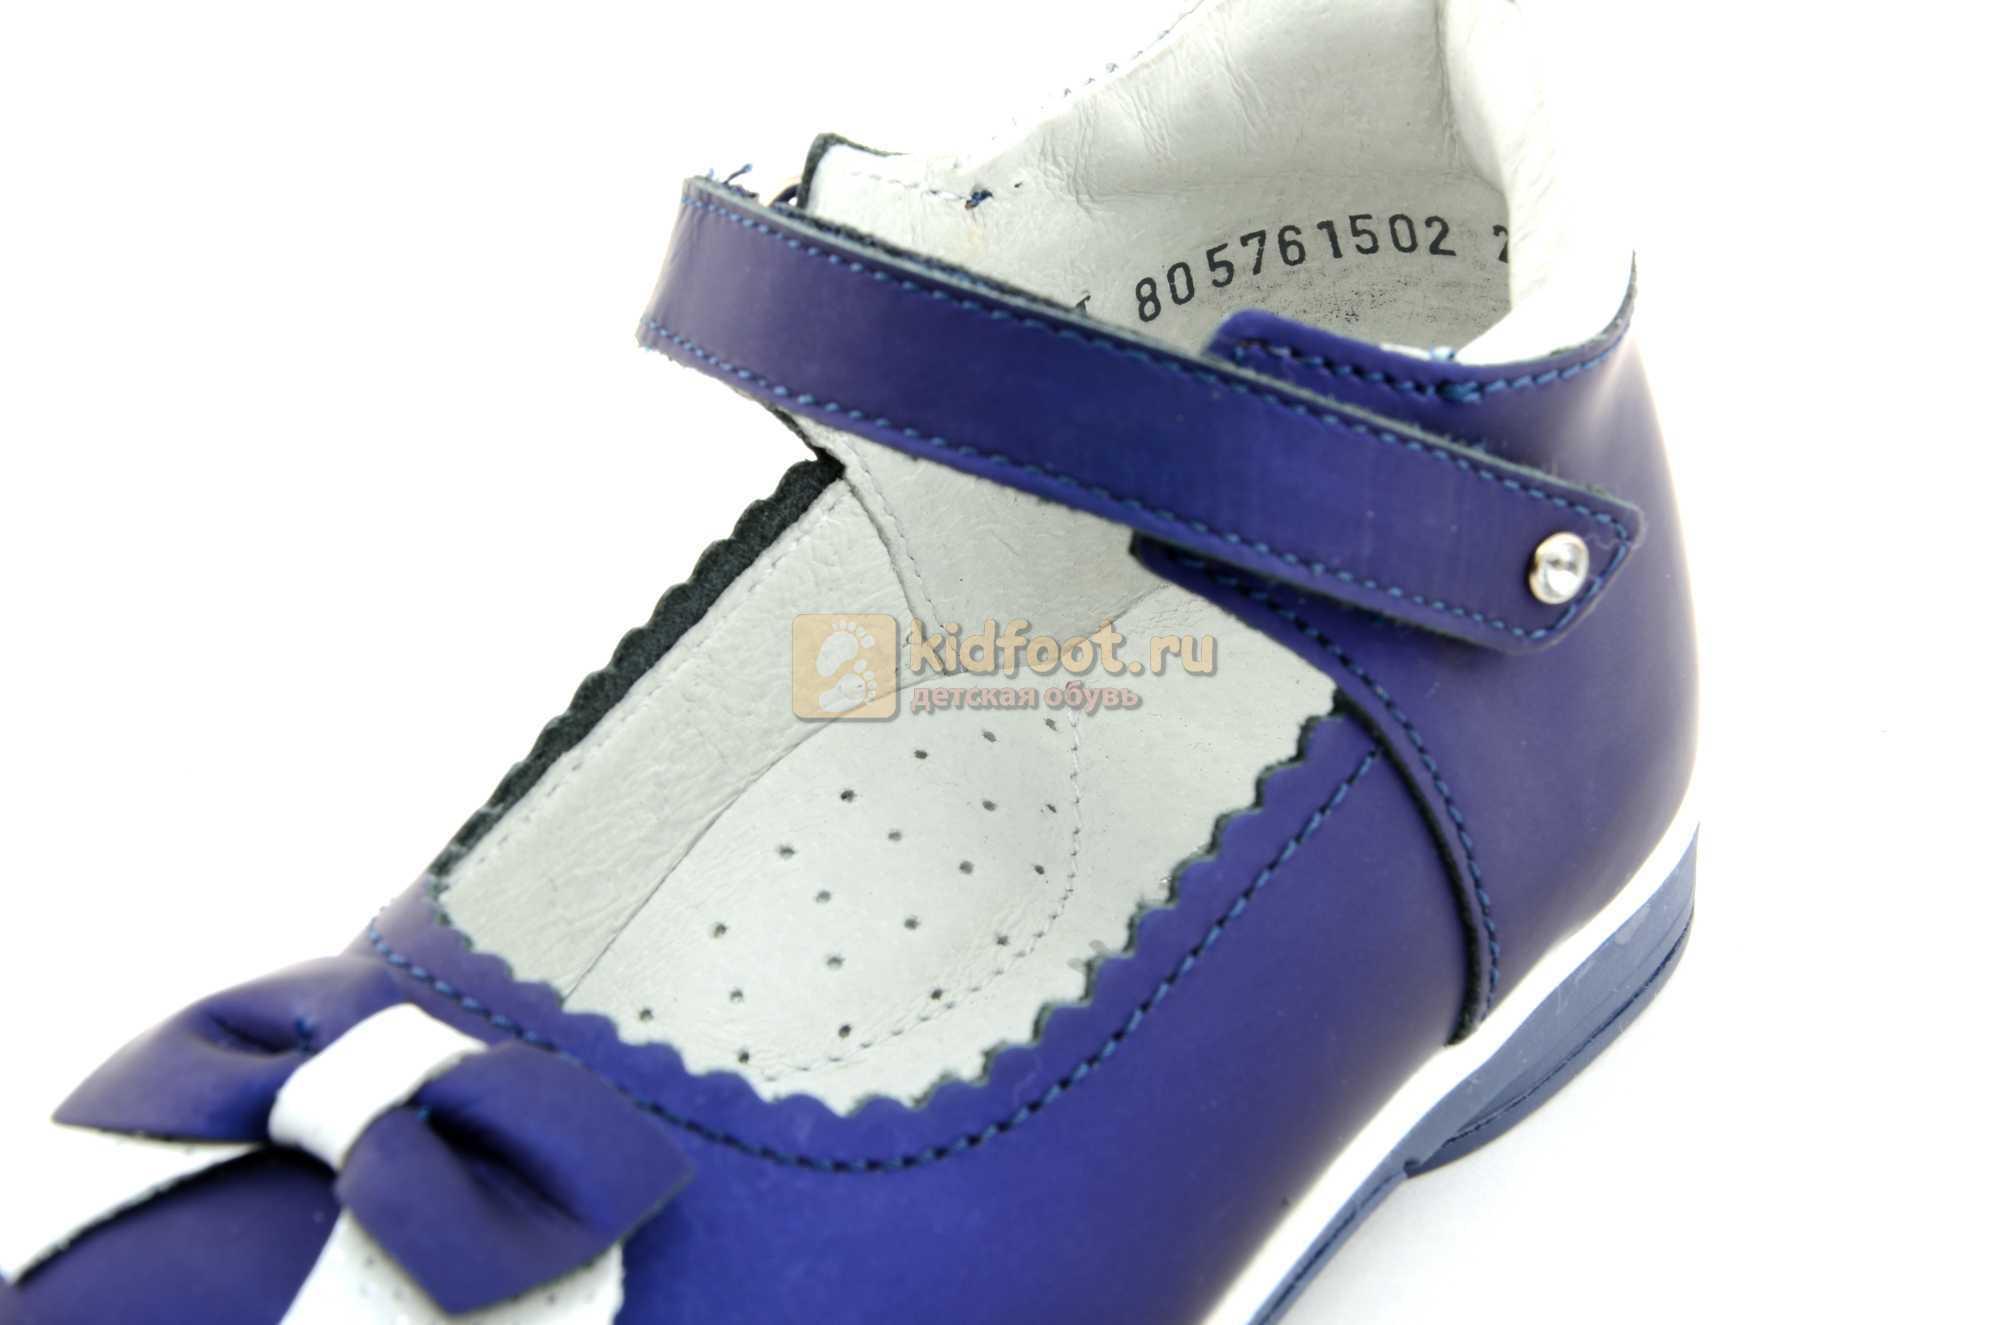 Туфли ELEGAMI (Элегами) из натуральной кожи для девочек, цвет темно синий металлик, артикул 7-805761502